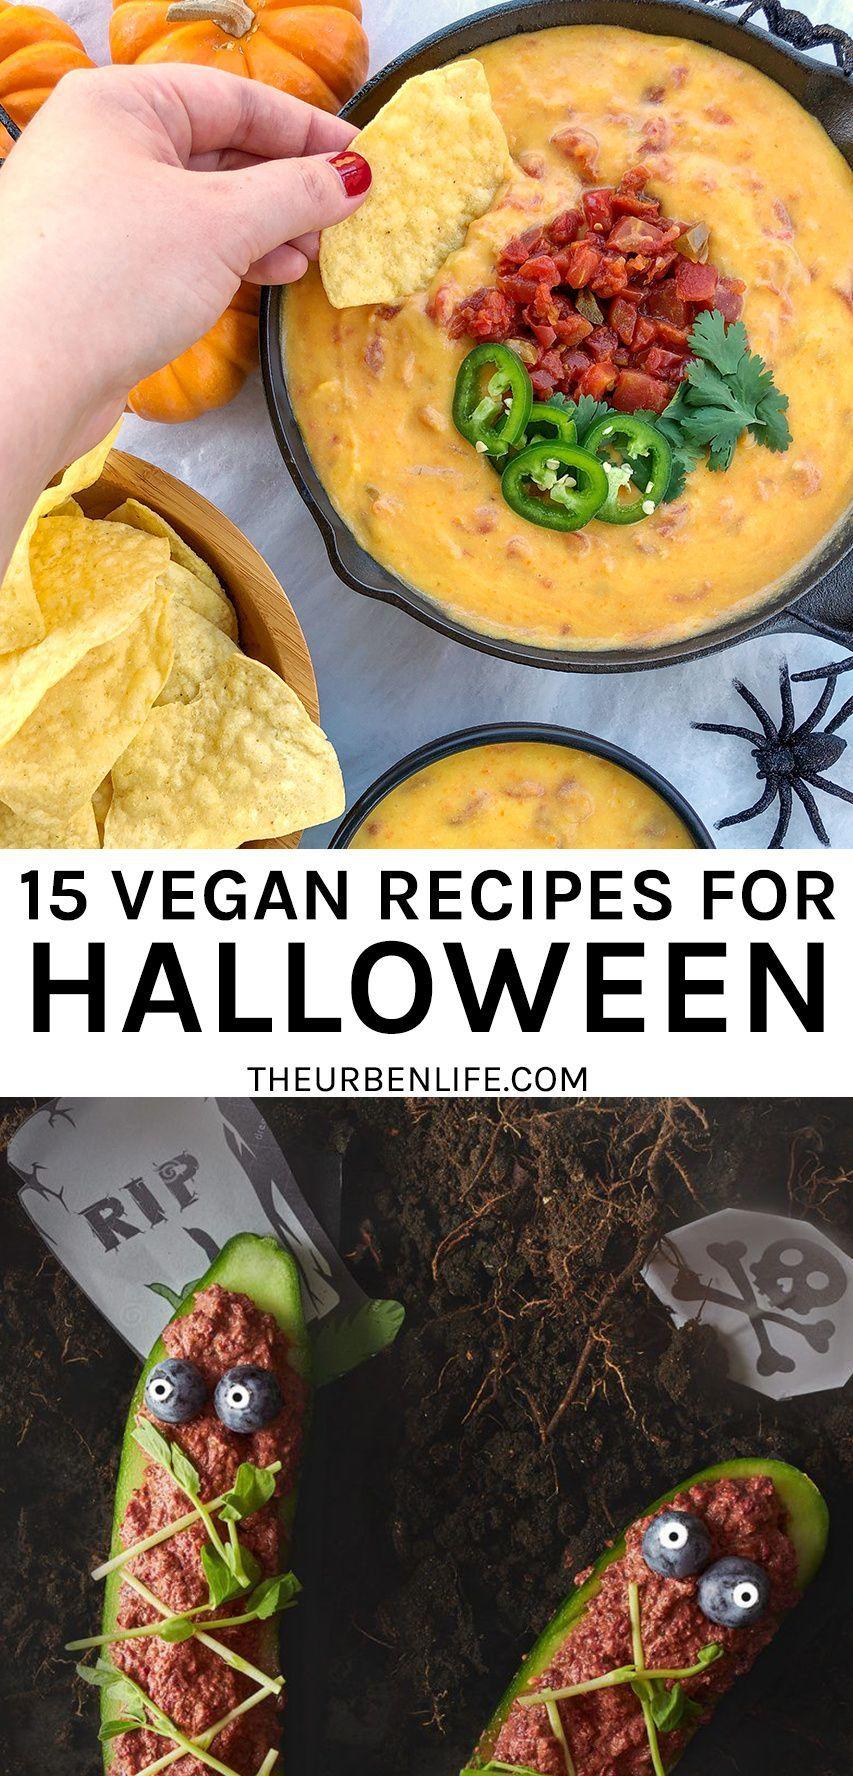 15 Vegan Halloween Recipes The Urben Life In 2020 Vegan Halloween Food Vegan Halloween Halloween Food Dinner